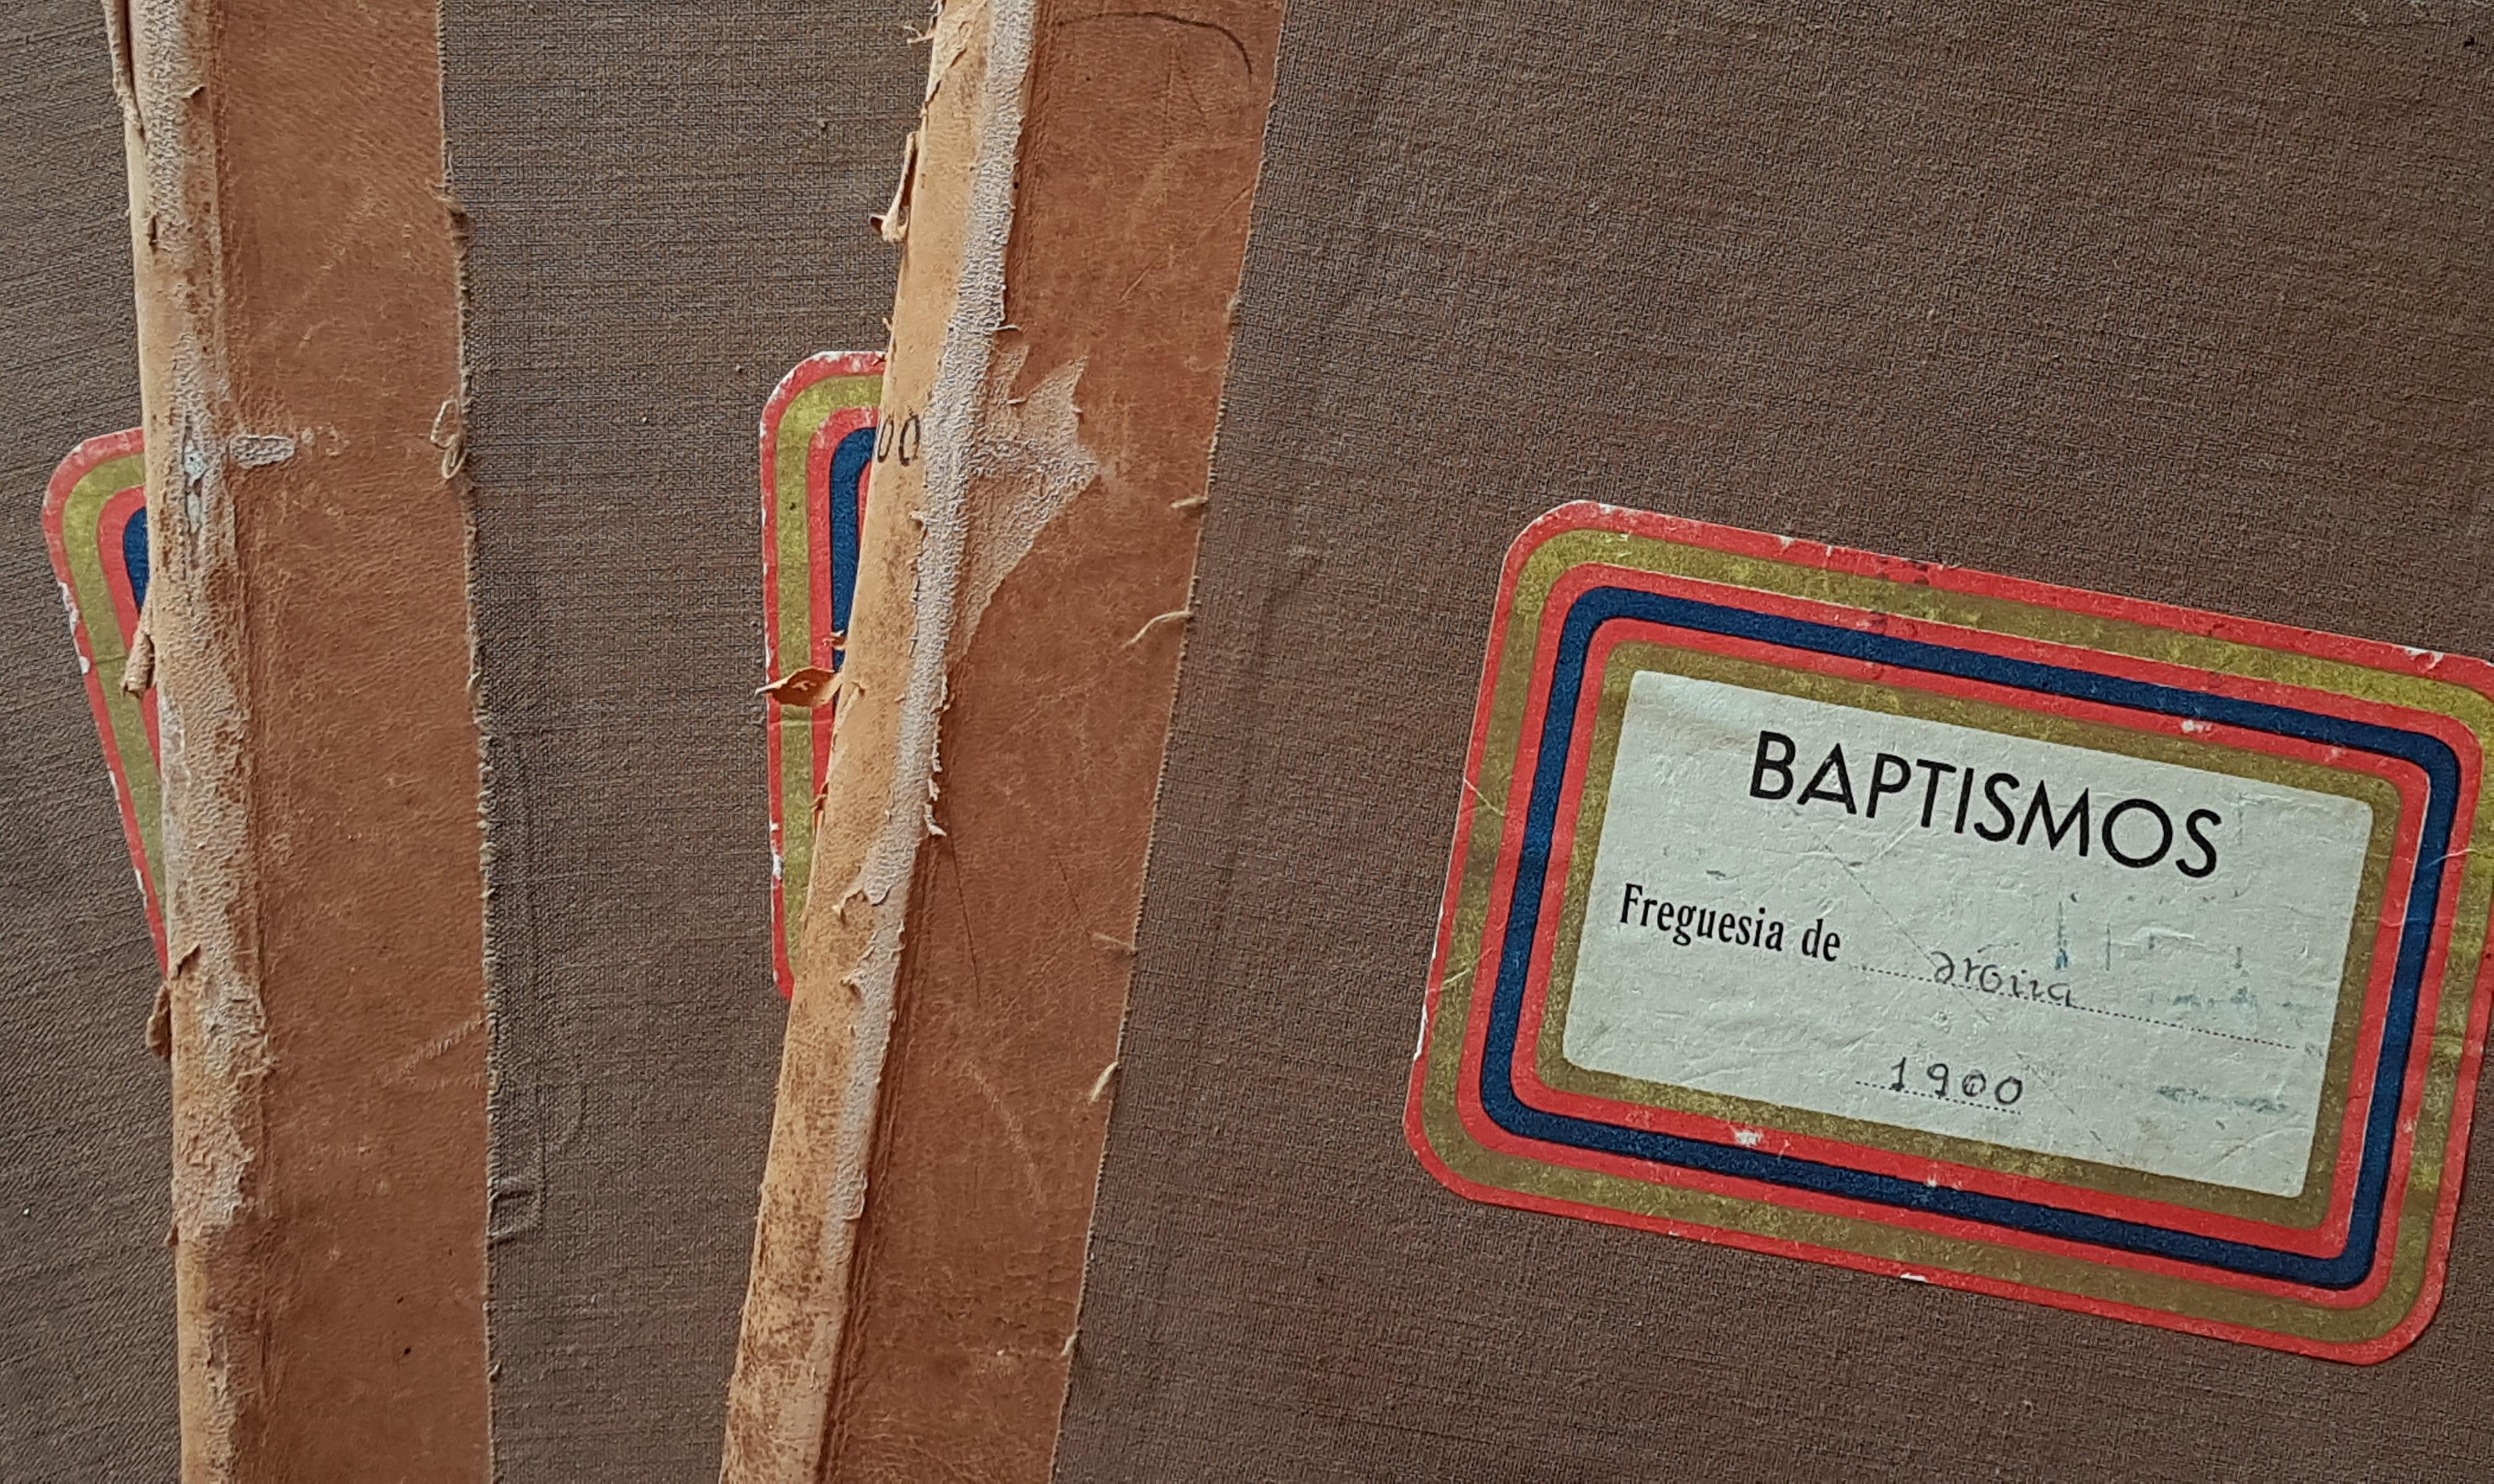 Livros de batismos de Mira